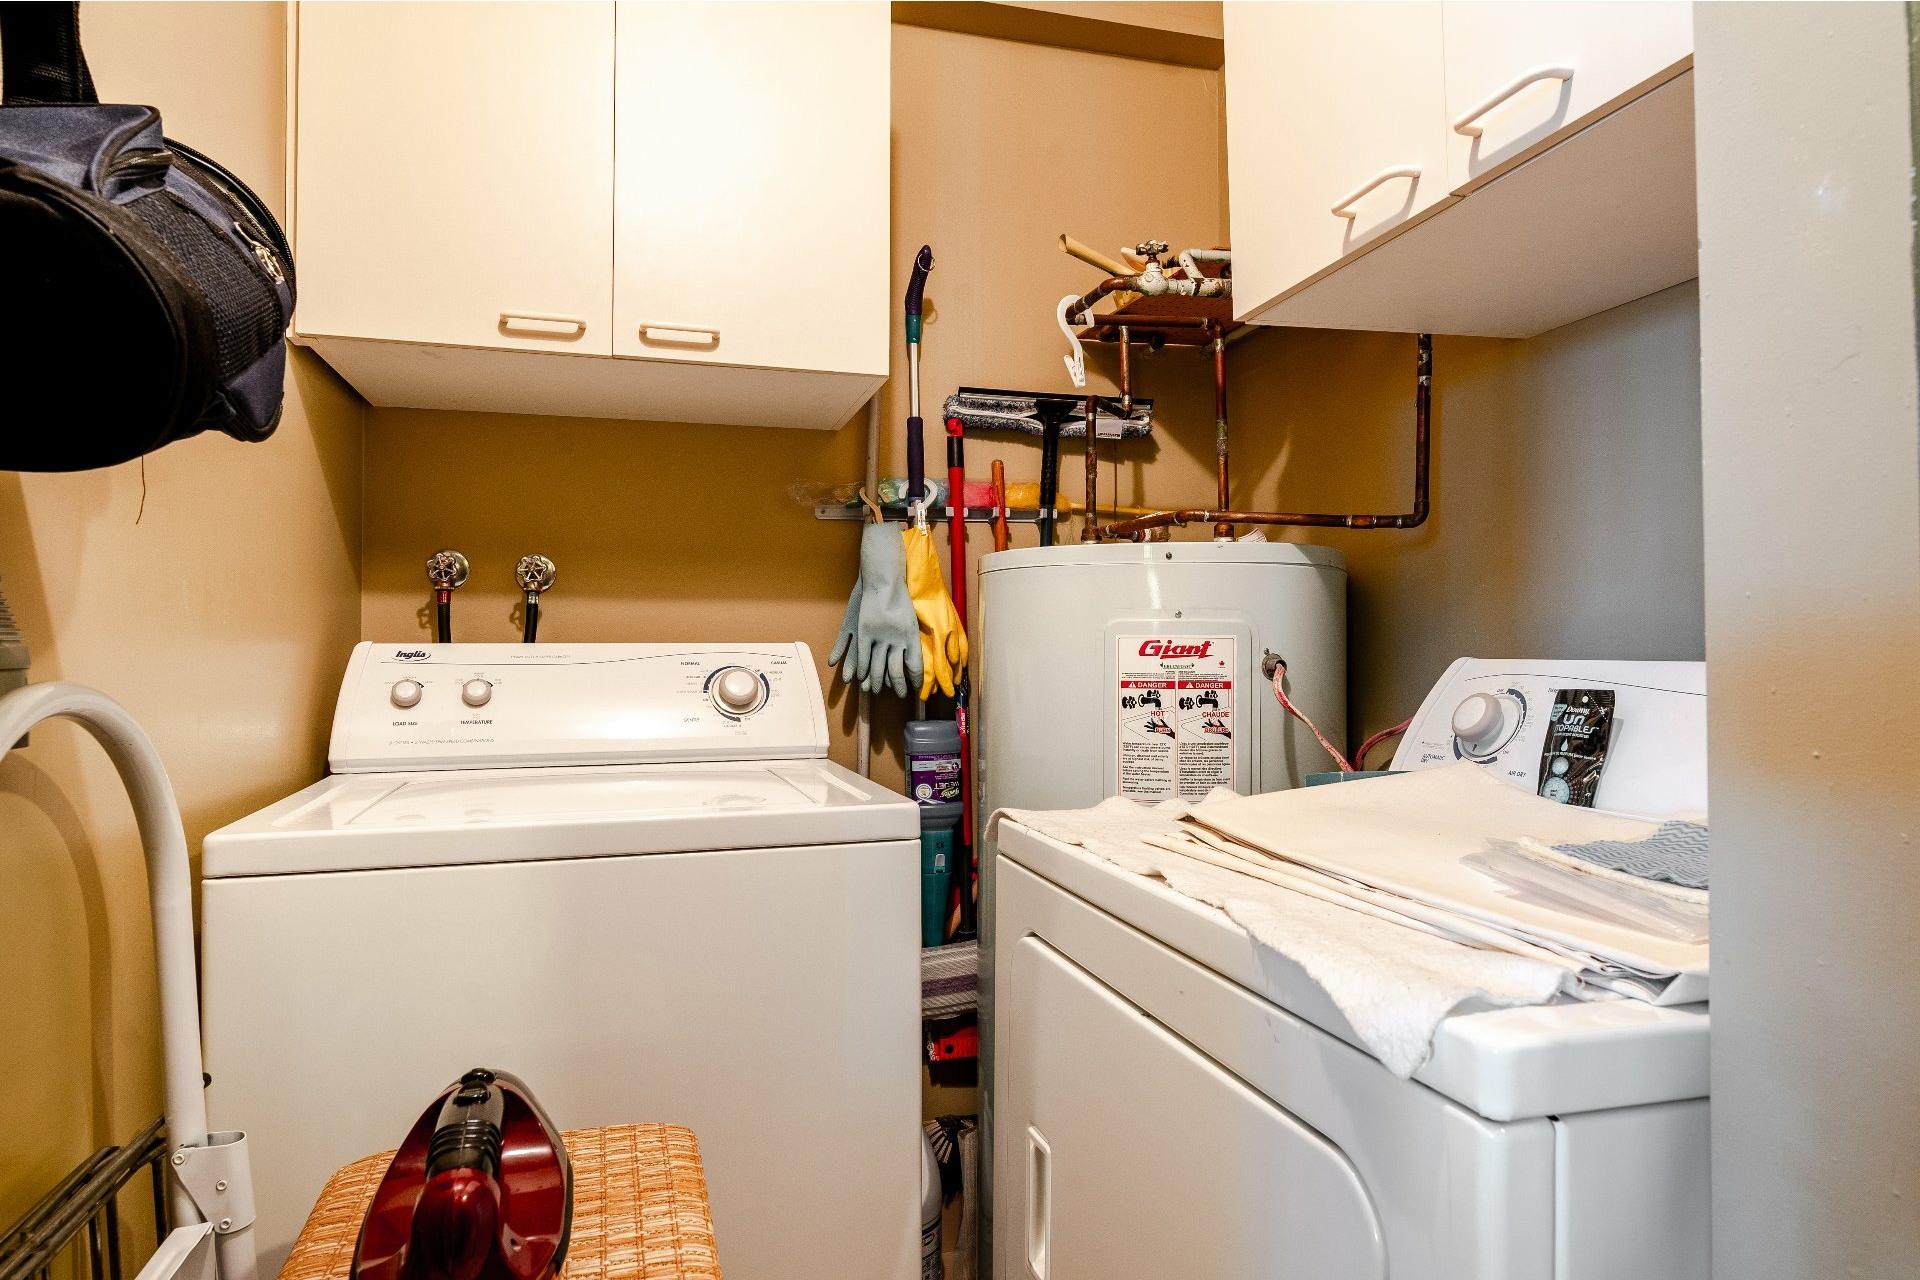 image 14 - Apartment For sale Pierrefonds-Roxboro Montréal  - 5 rooms